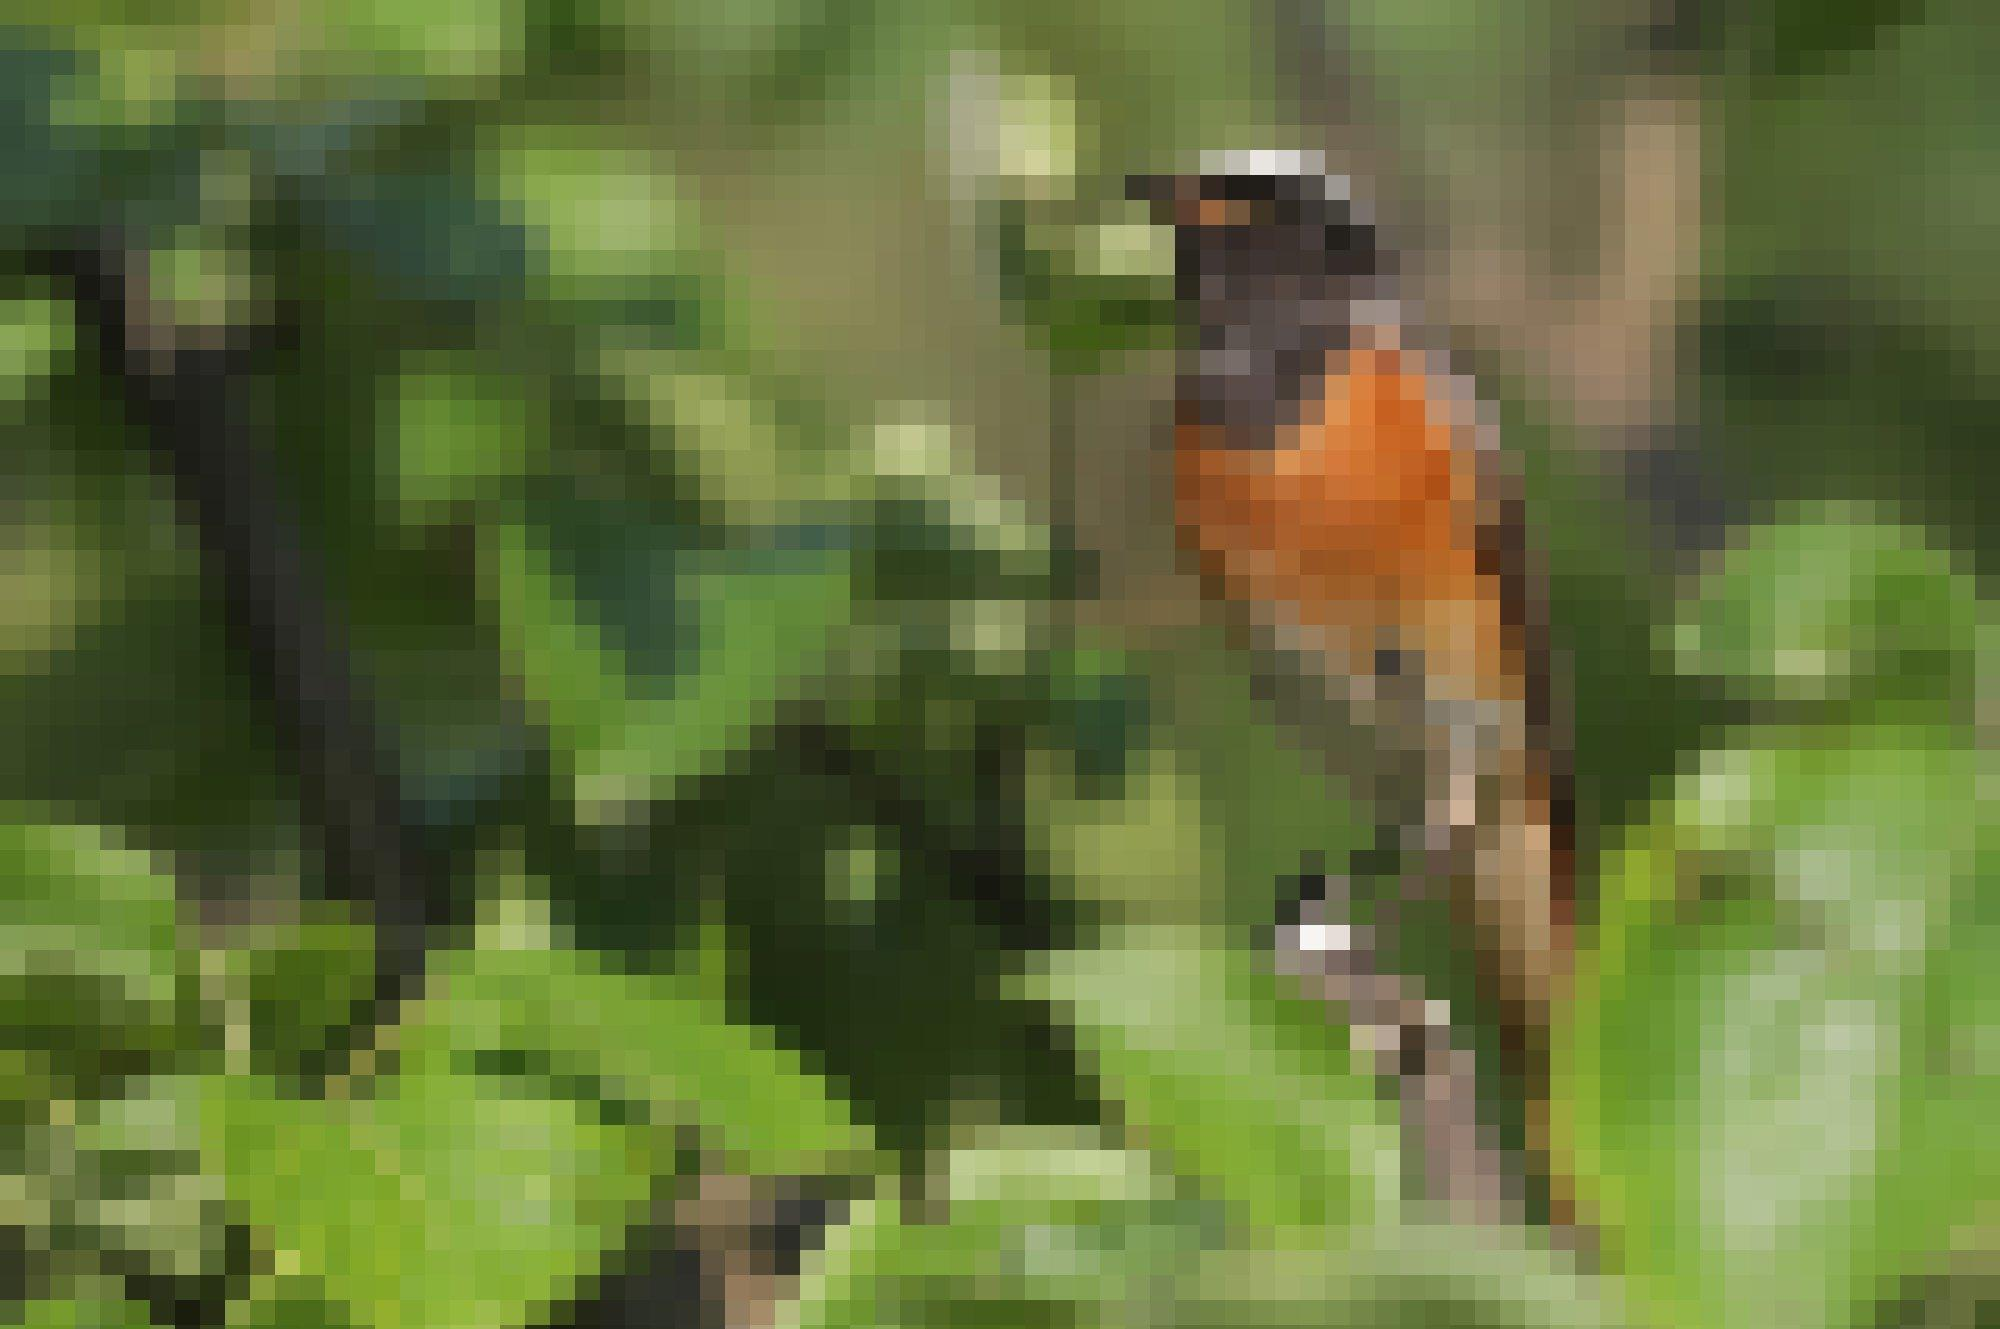 Ein Vogel mit grau-weißer Stirn, schwarzem Gesicht und Hals, rostbrauner Brust und hellgrauem Steiß sitzt auf einem Ast.